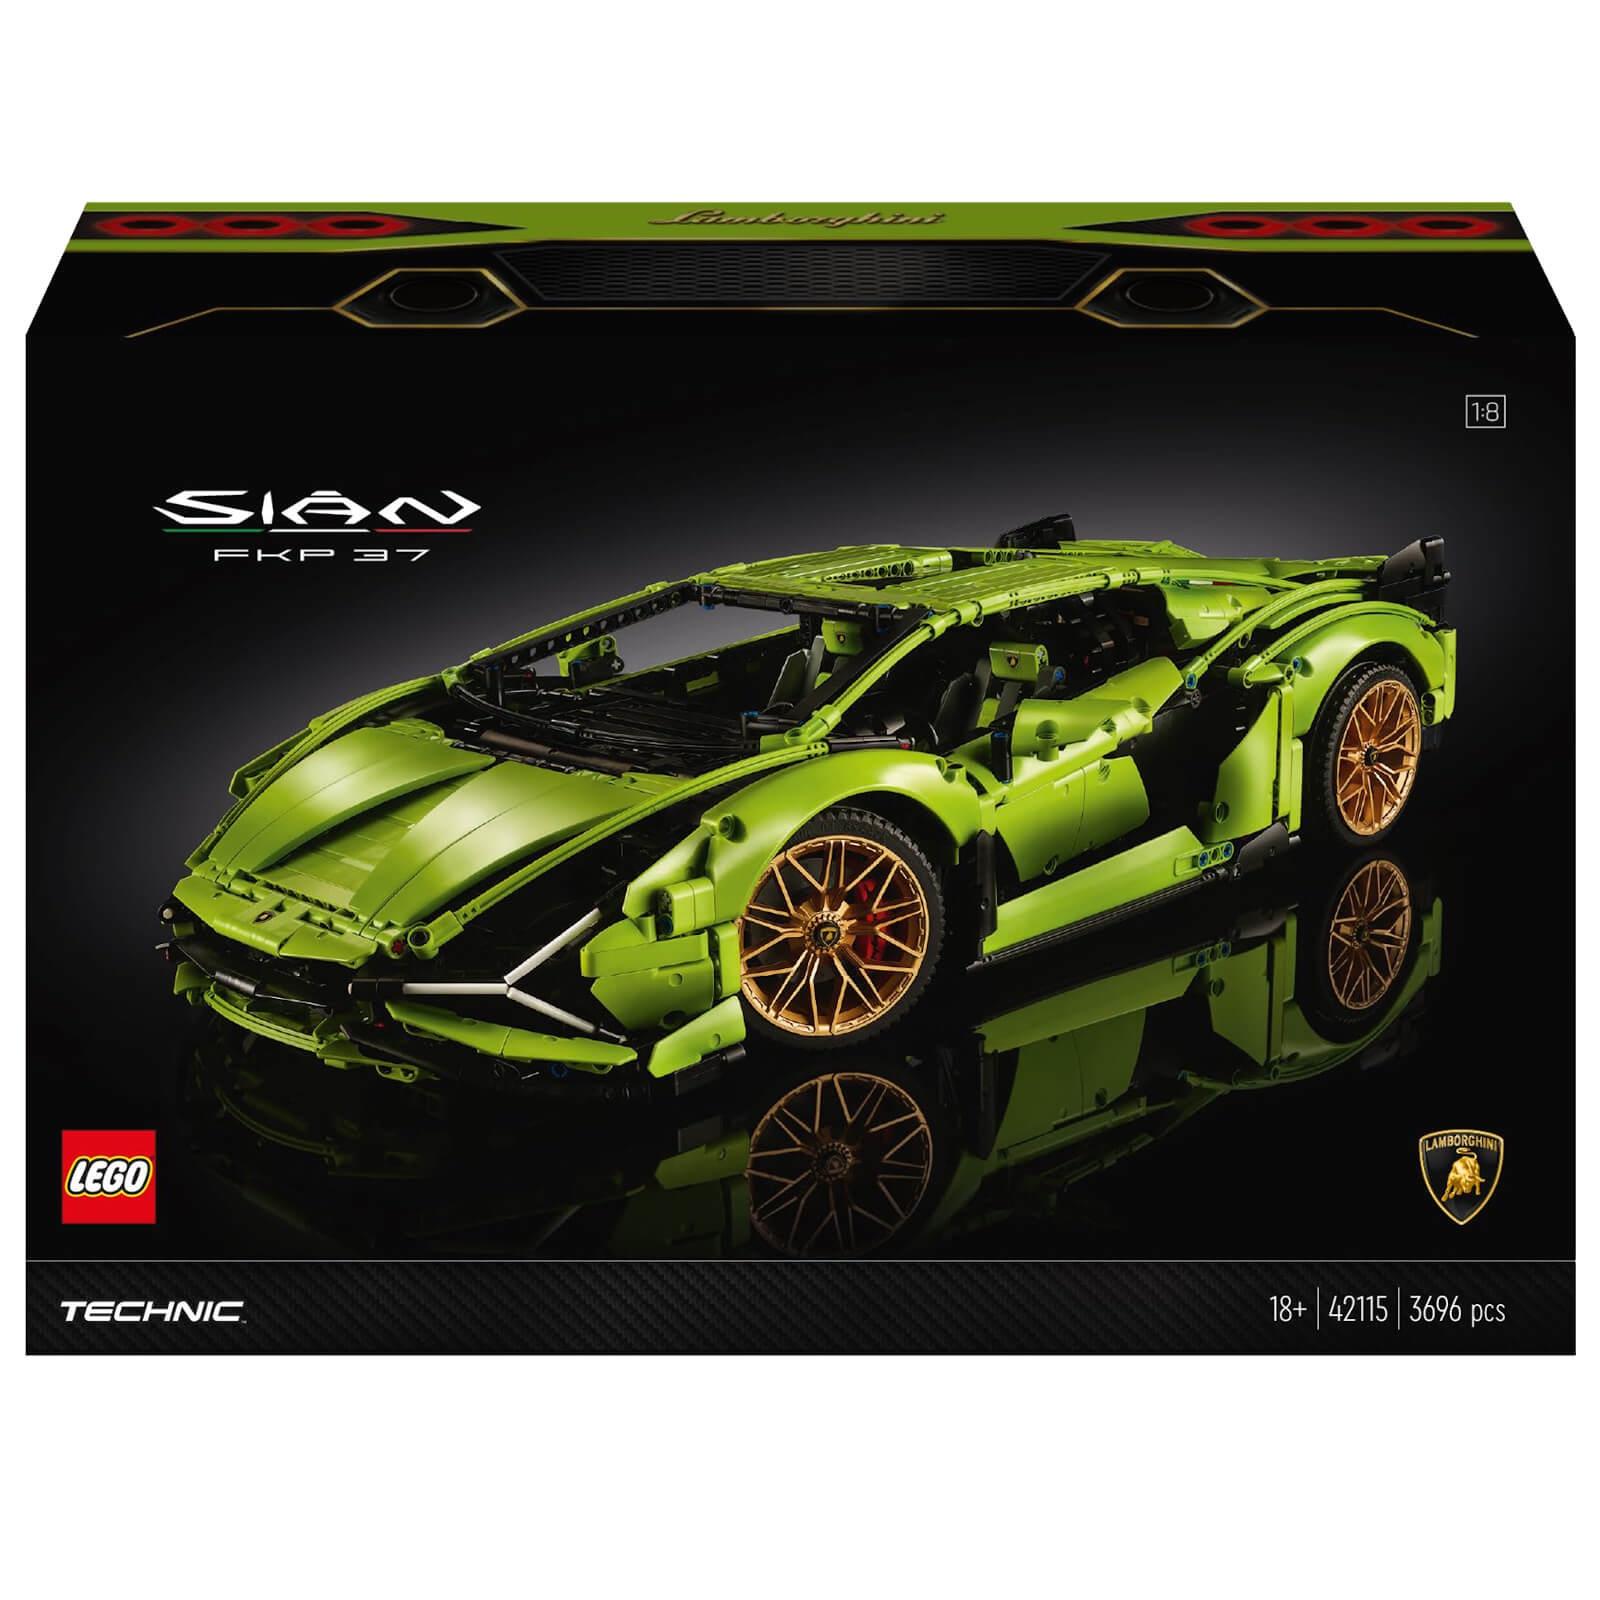 LEGO Technic: Lamborghini Sián FKP 37 Car Model (42115) £274.99 delivered with code @ Zavvi